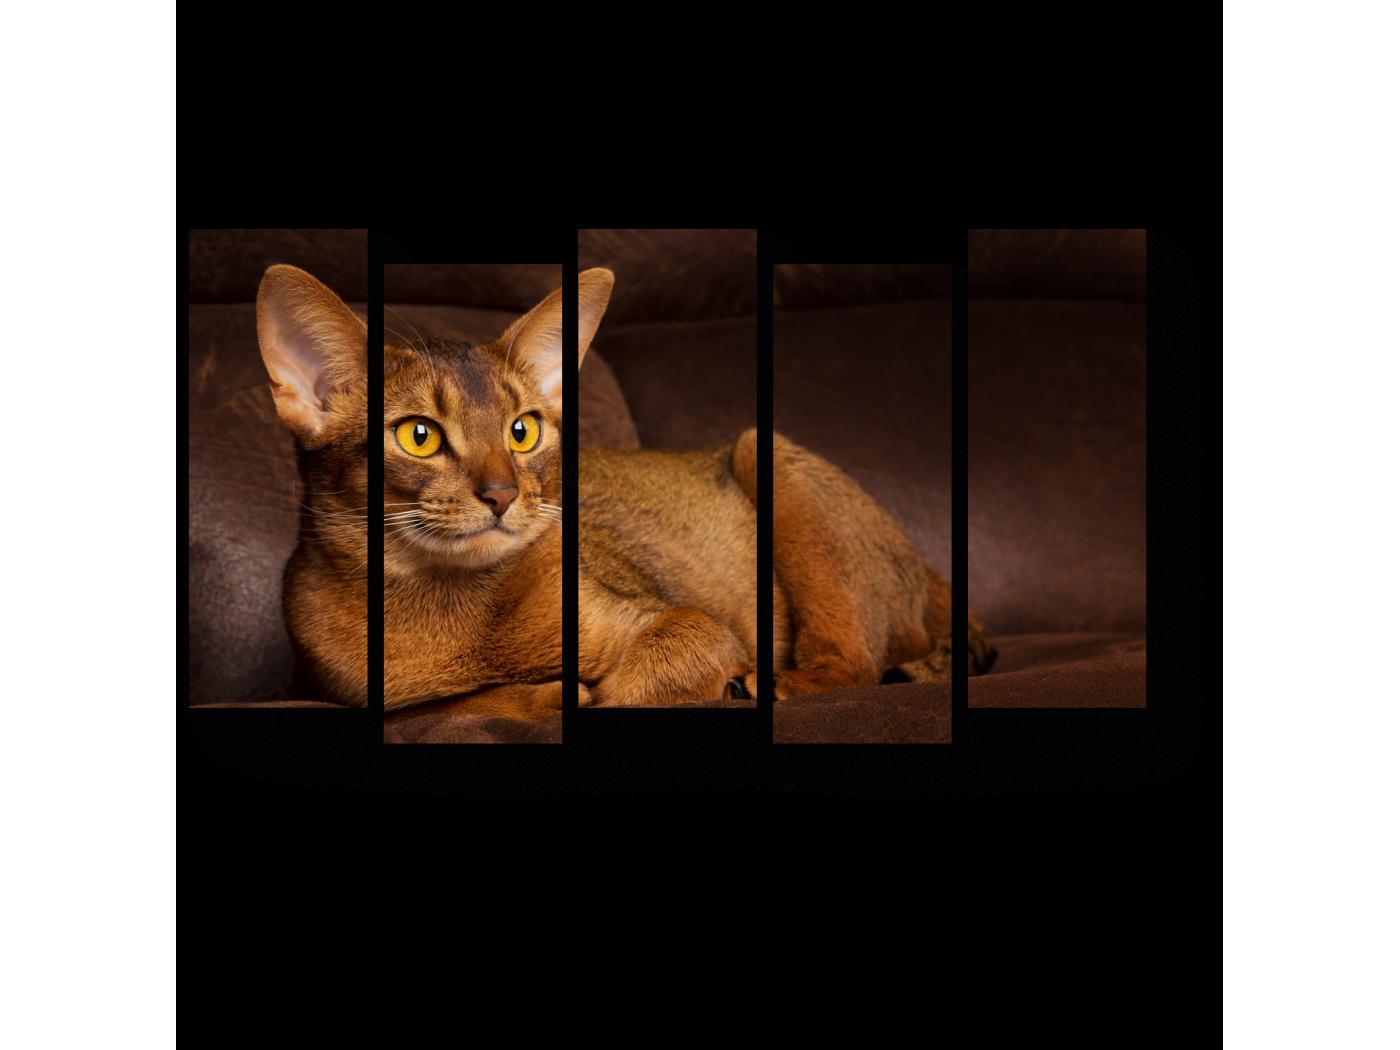 Модульная картина Охотник отдыхает (90x52) фото